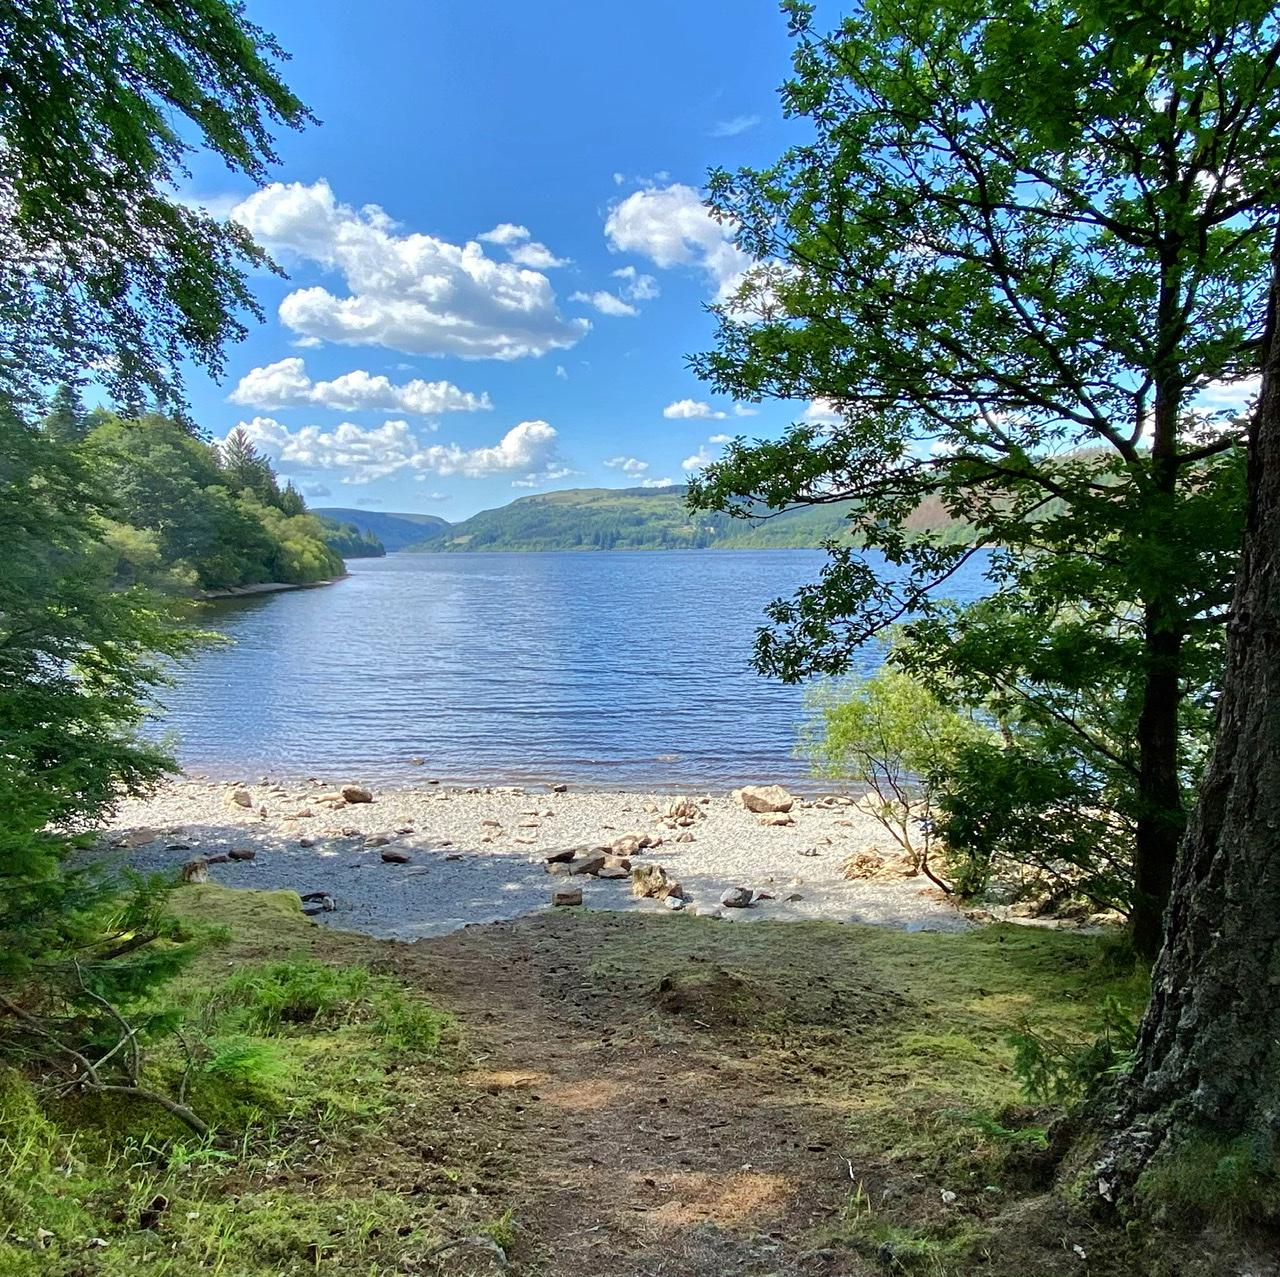 Through the pines, the lake awaits you…